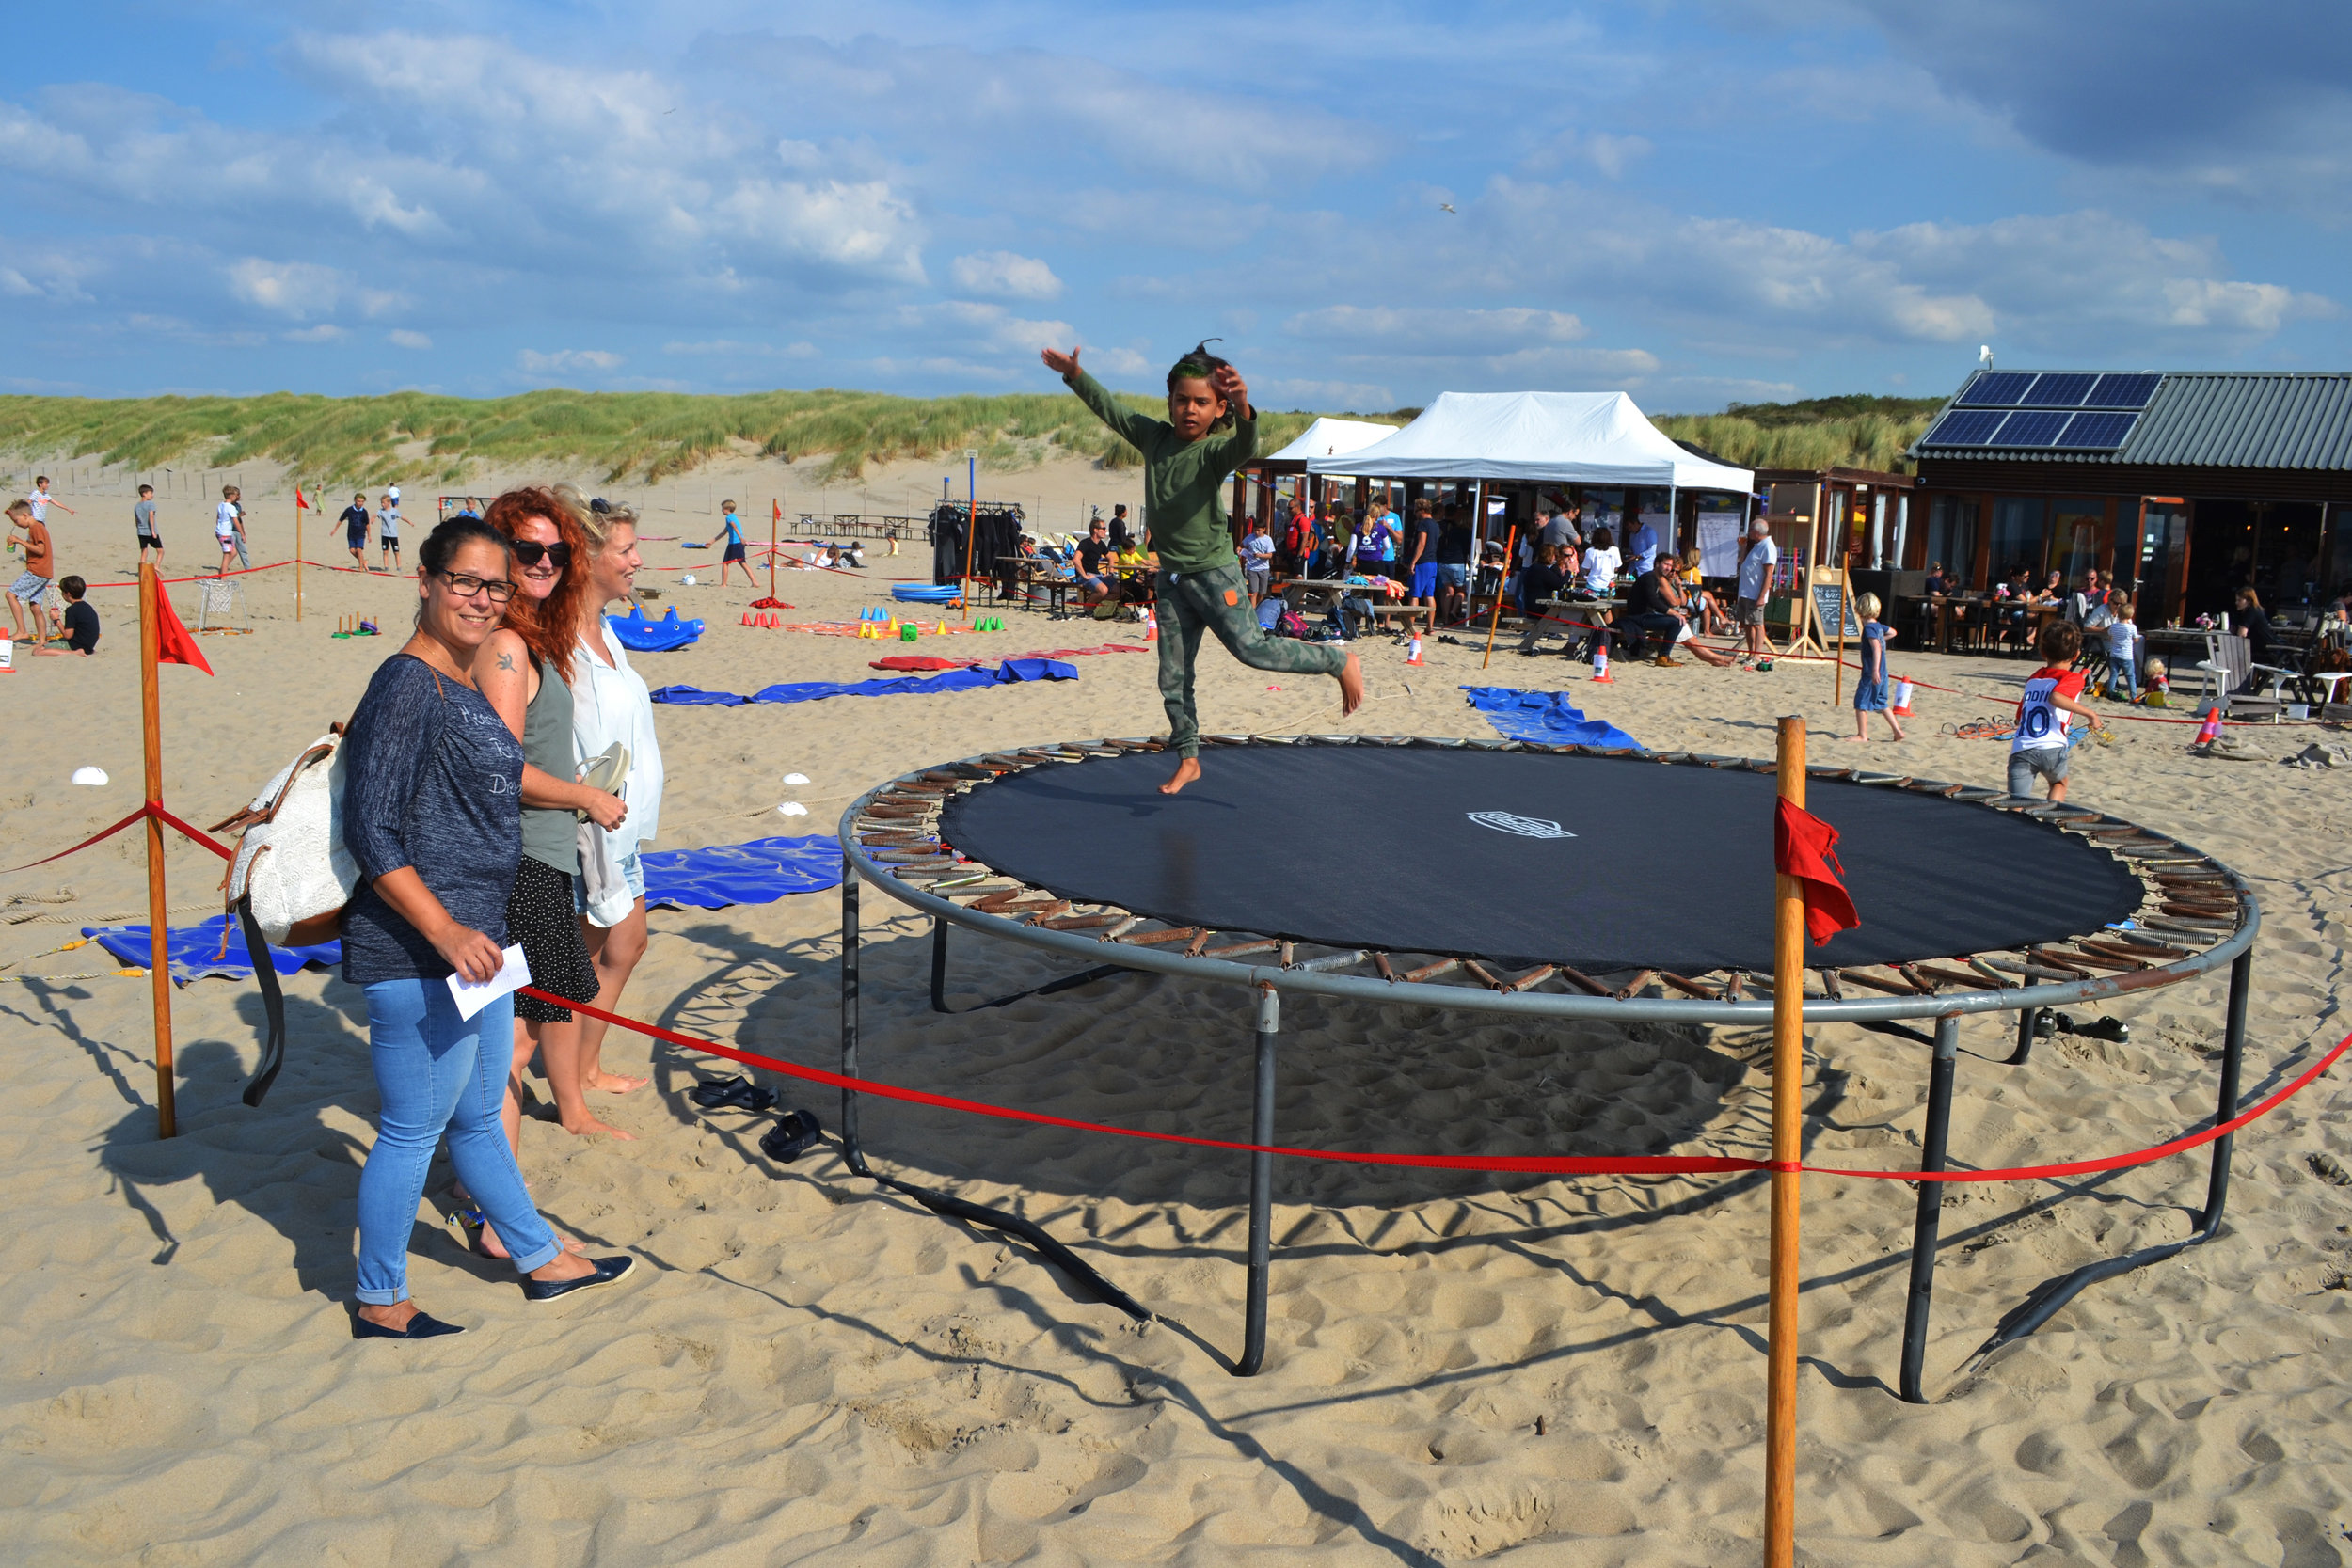 Kids court trampoline